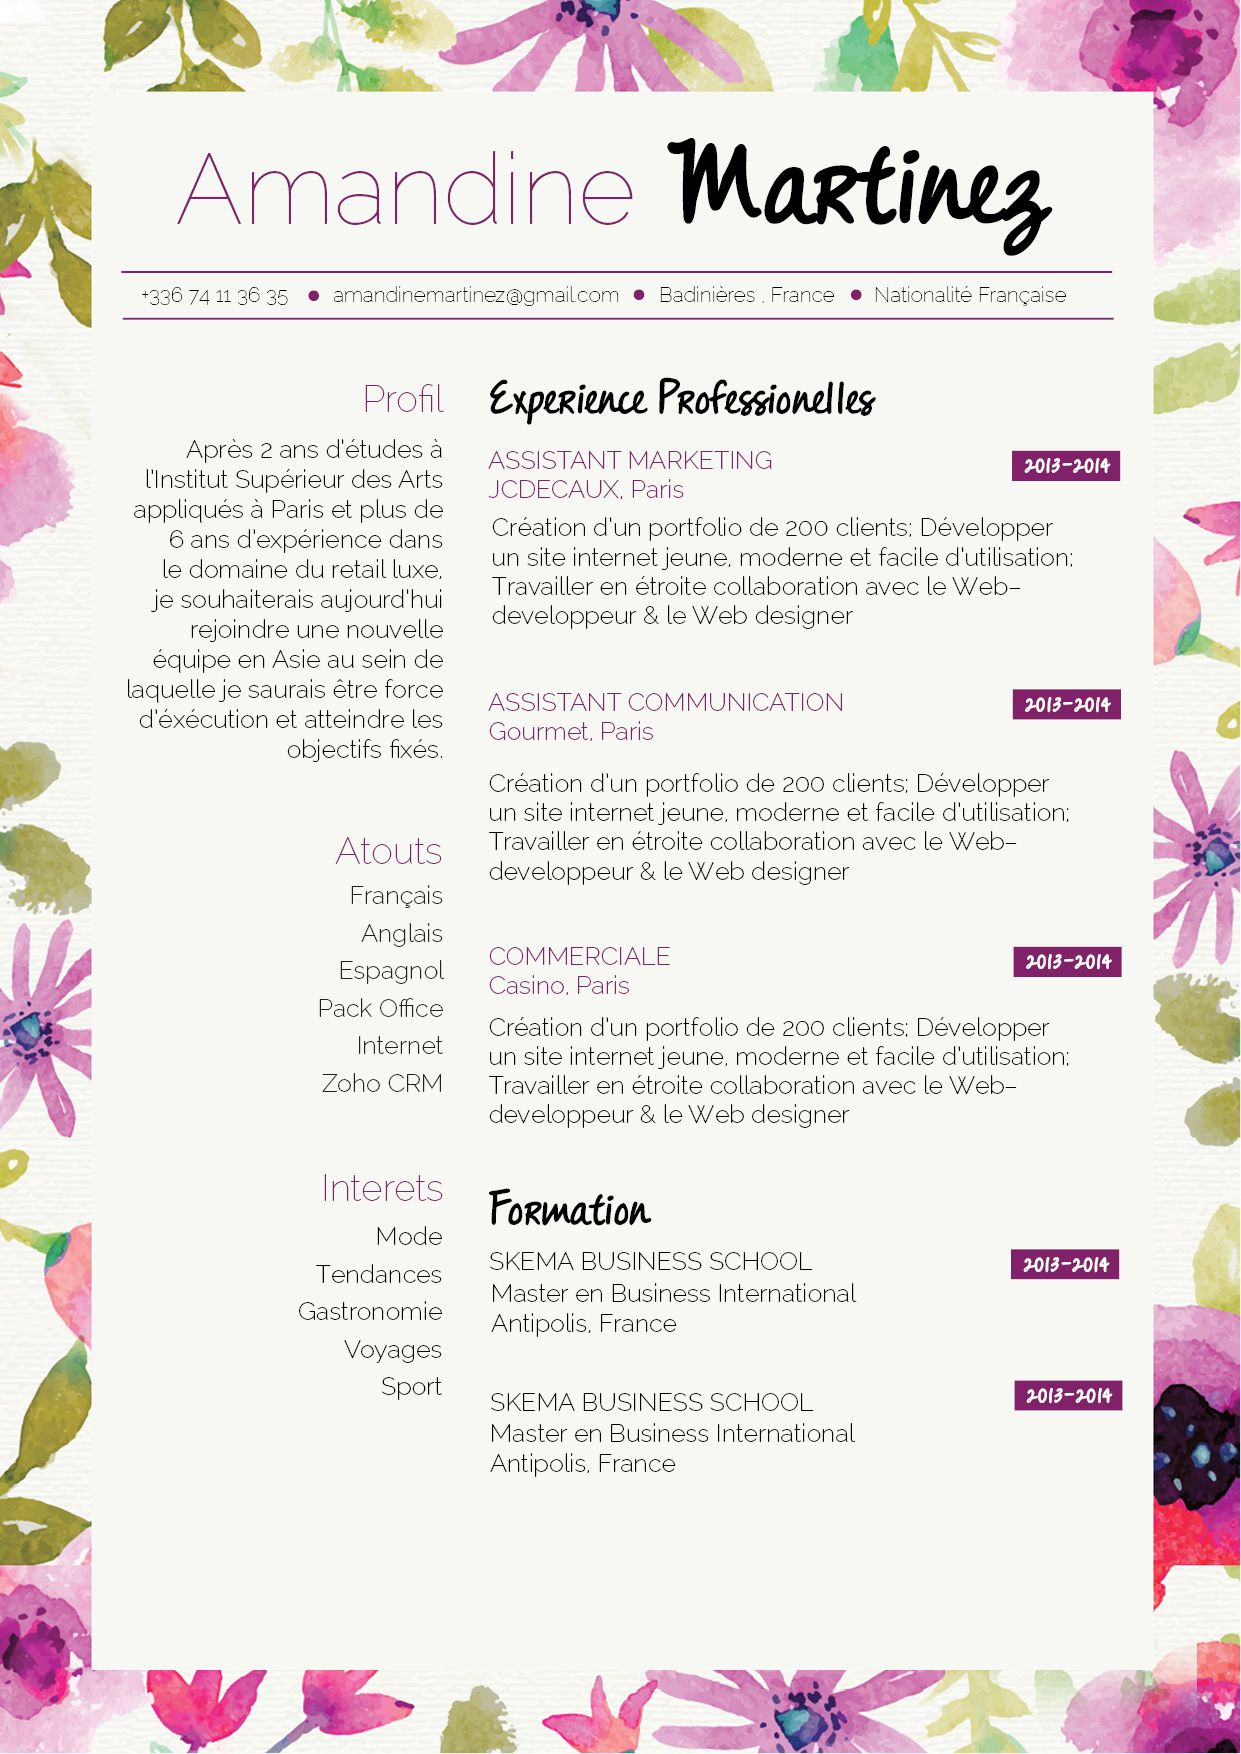 cv printanier pour un cv original  et rebooster vos candidature  frais  simple u2026